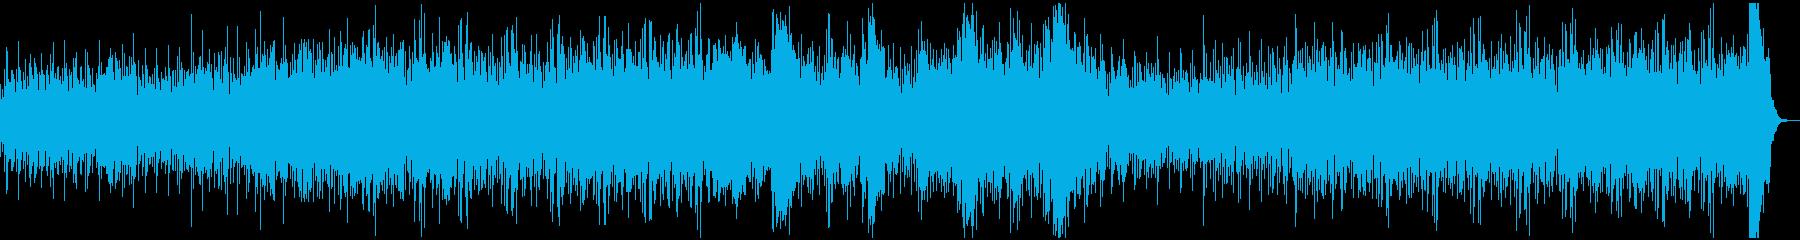 エスニックサウンドトラックは、マリ...の再生済みの波形